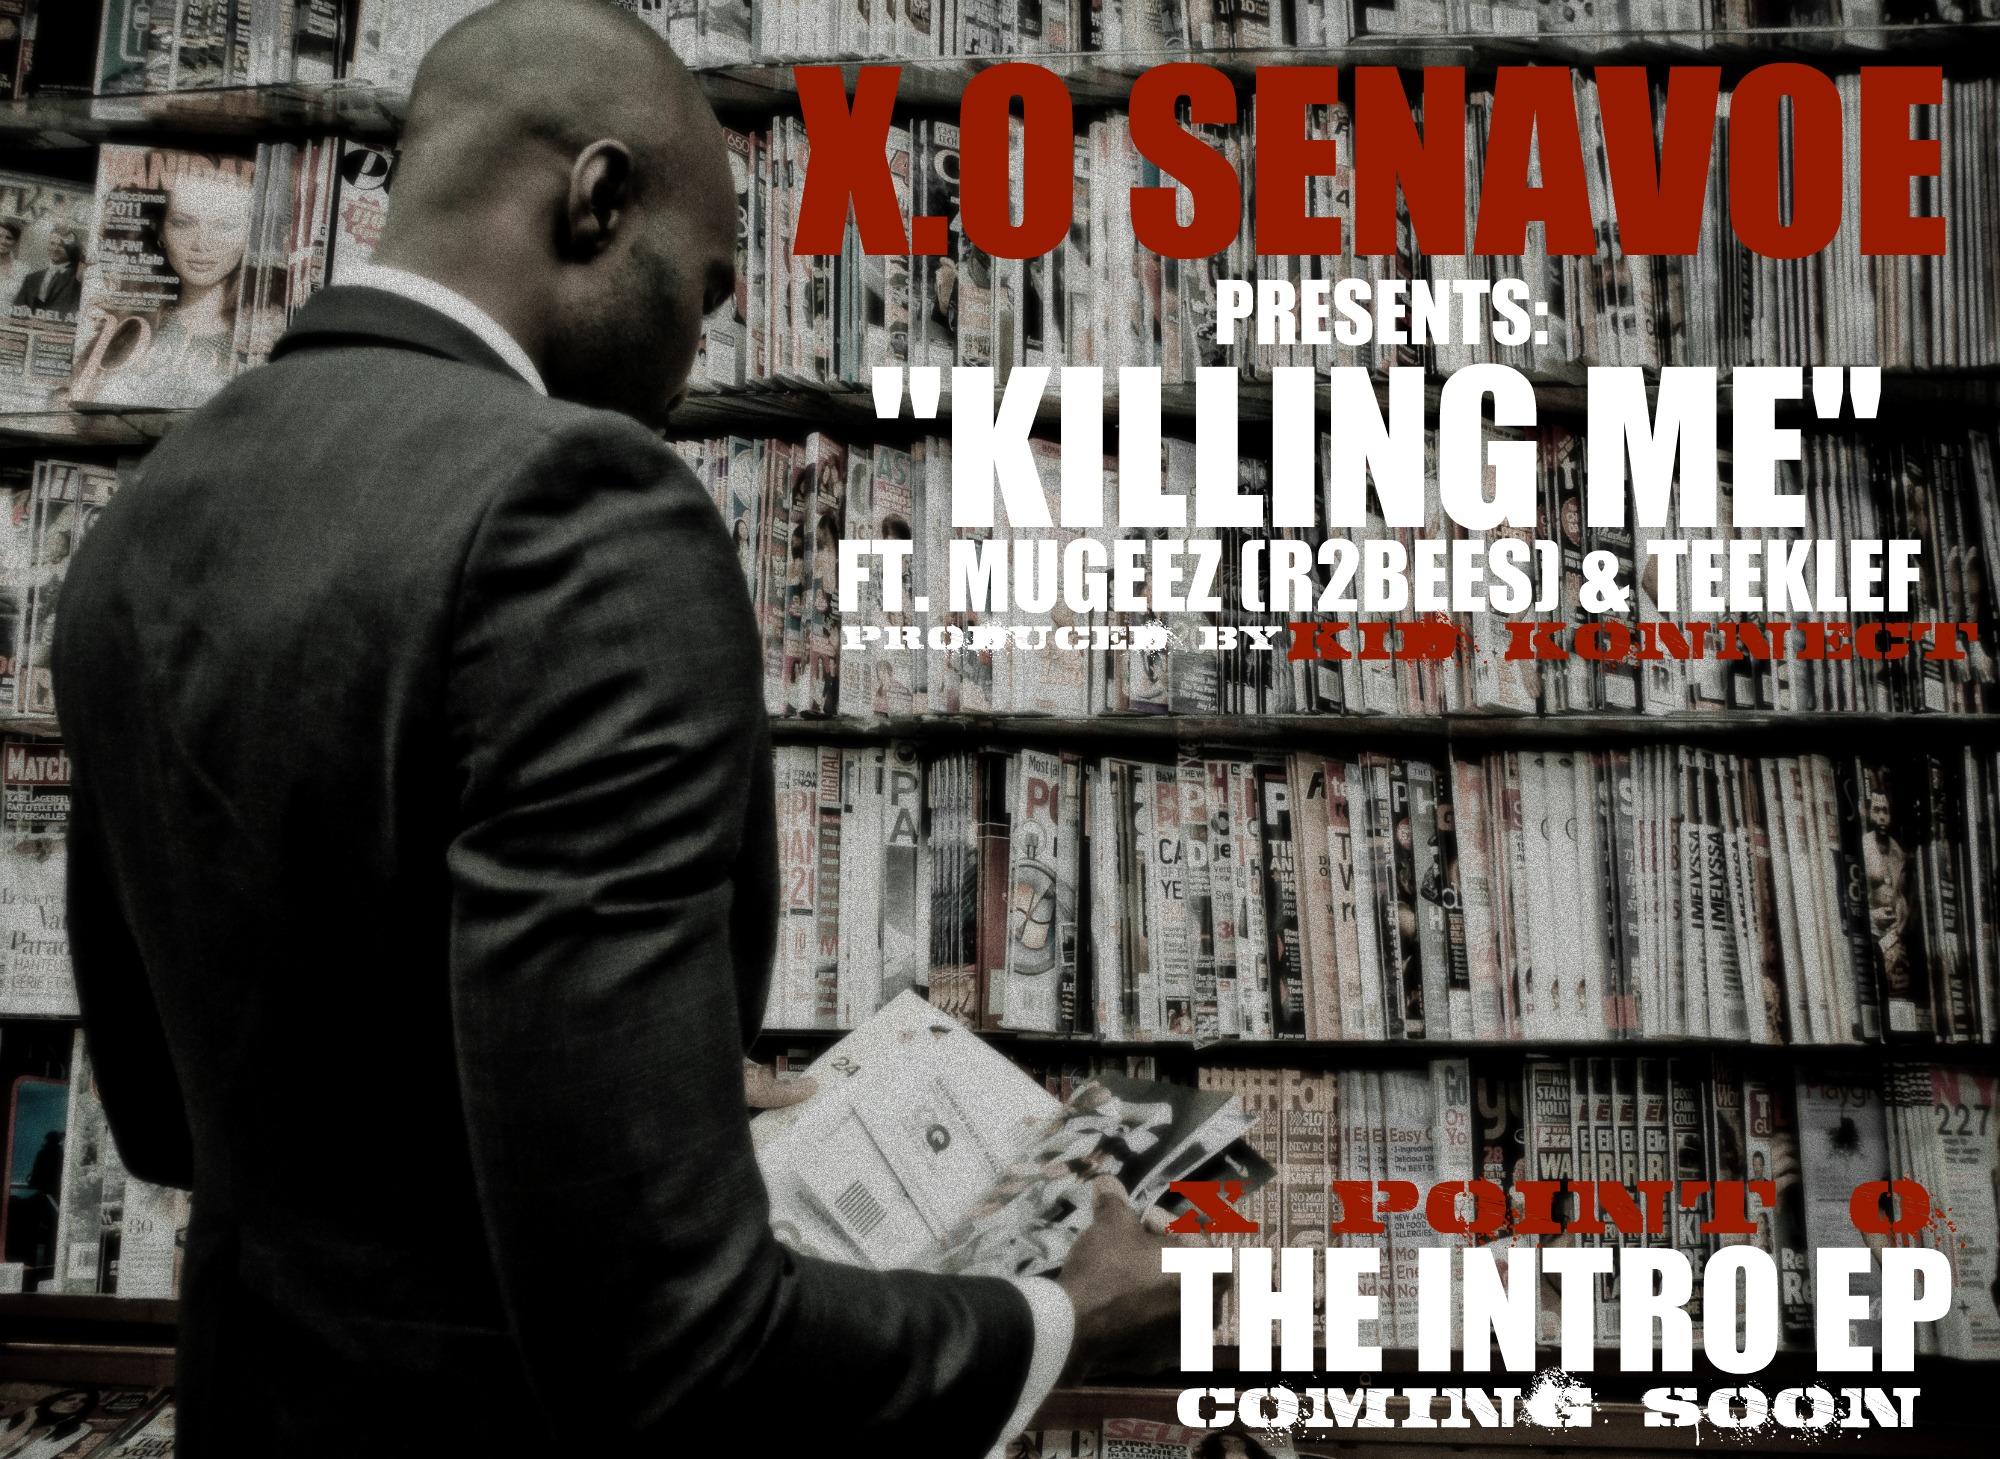 X O Senavoe - Killing Me Ft Mugeez(R2Bees) & Teeklef - Notjustok